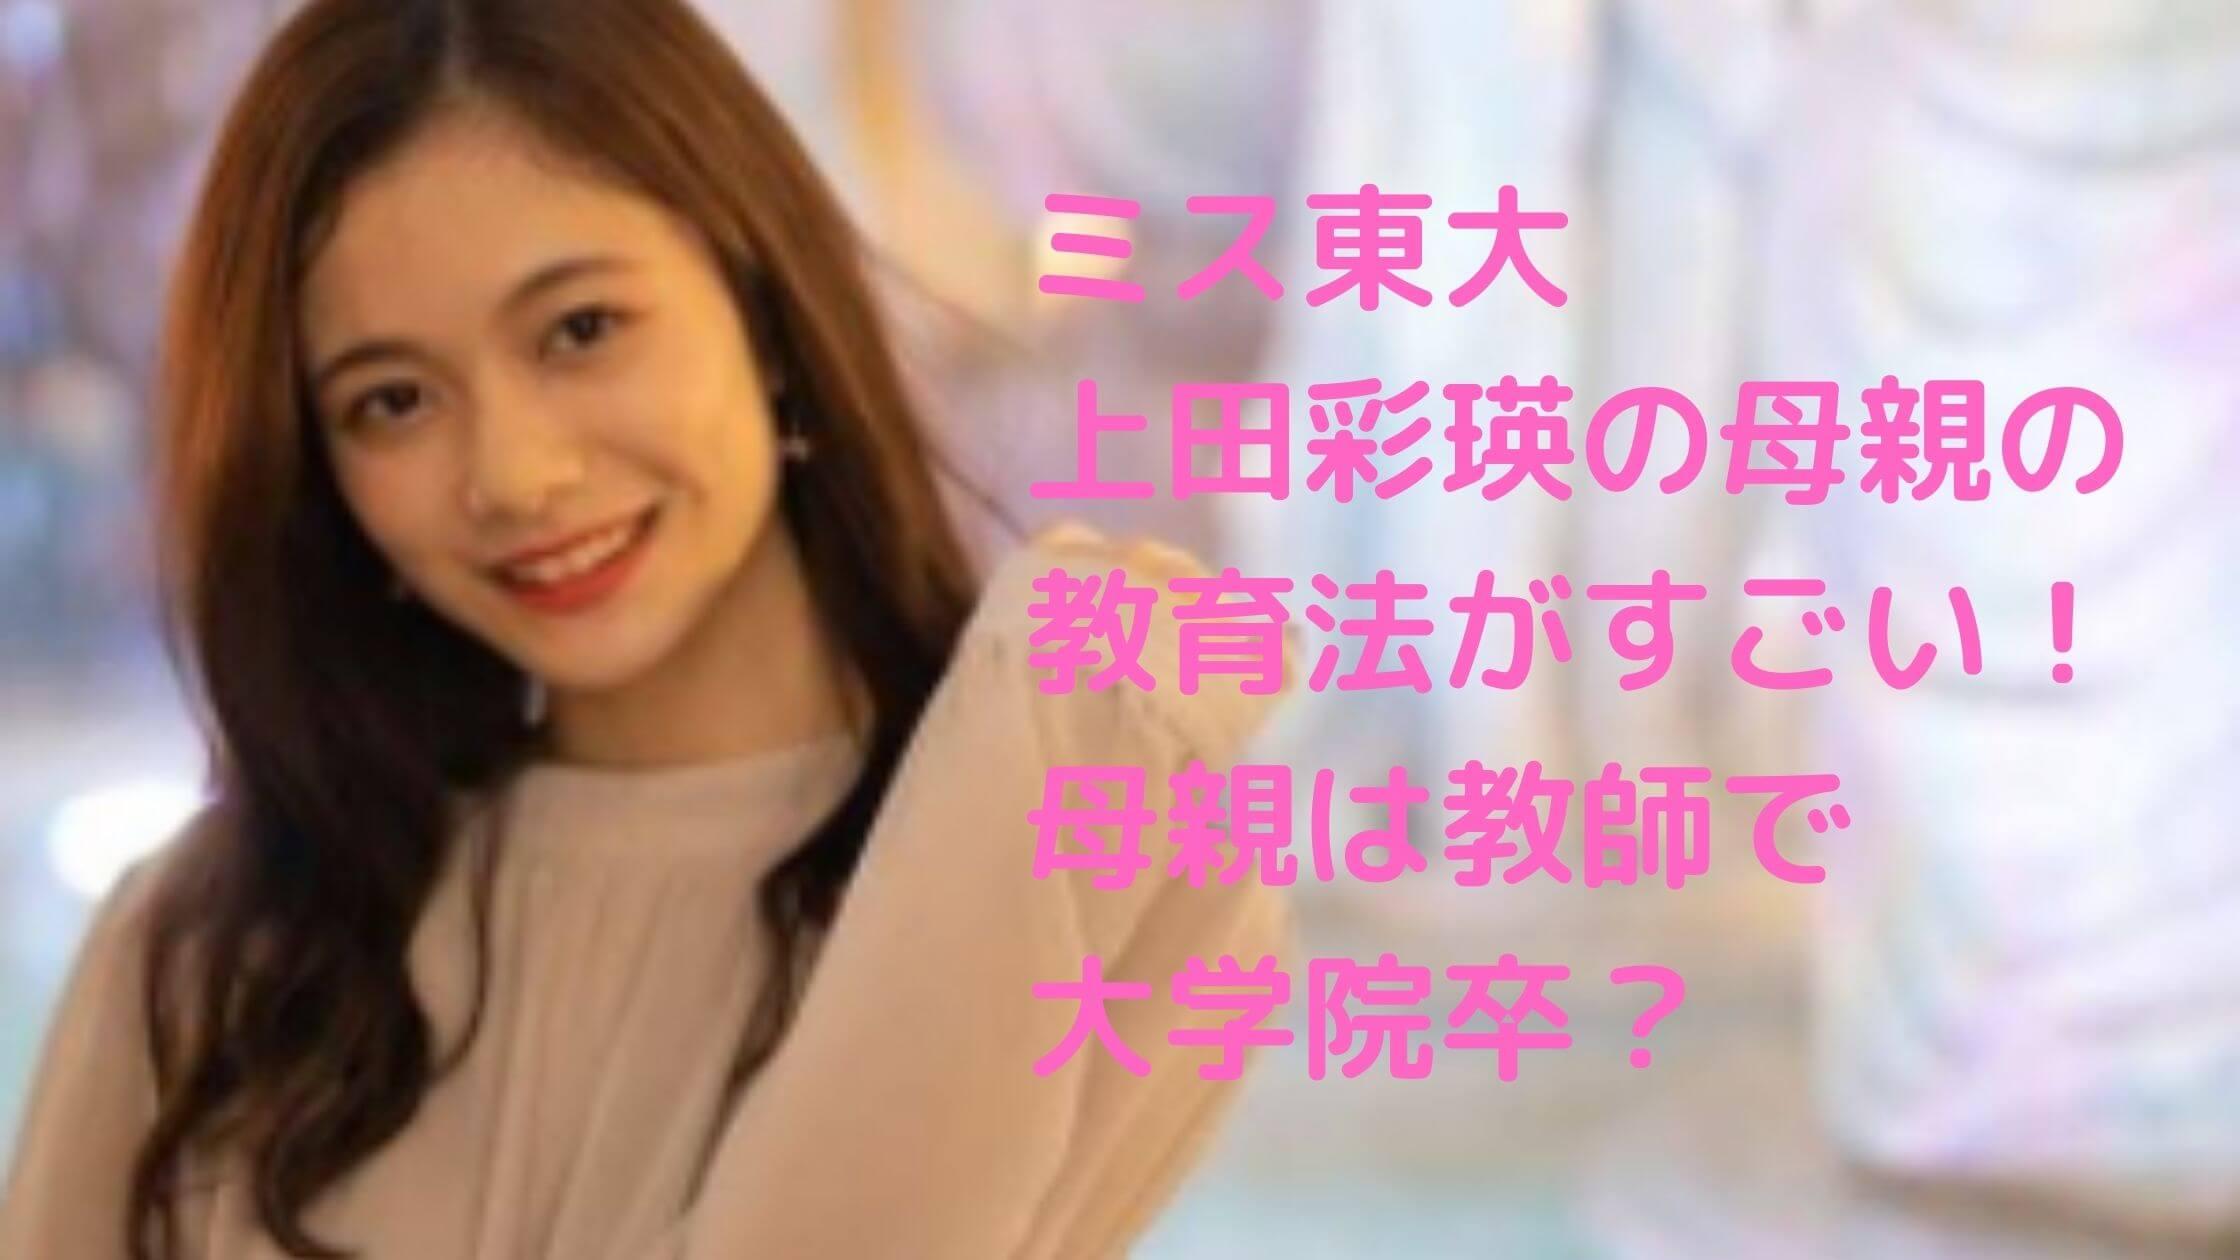 上田彩瑛 母親 教育法 両親 父親 家族構成